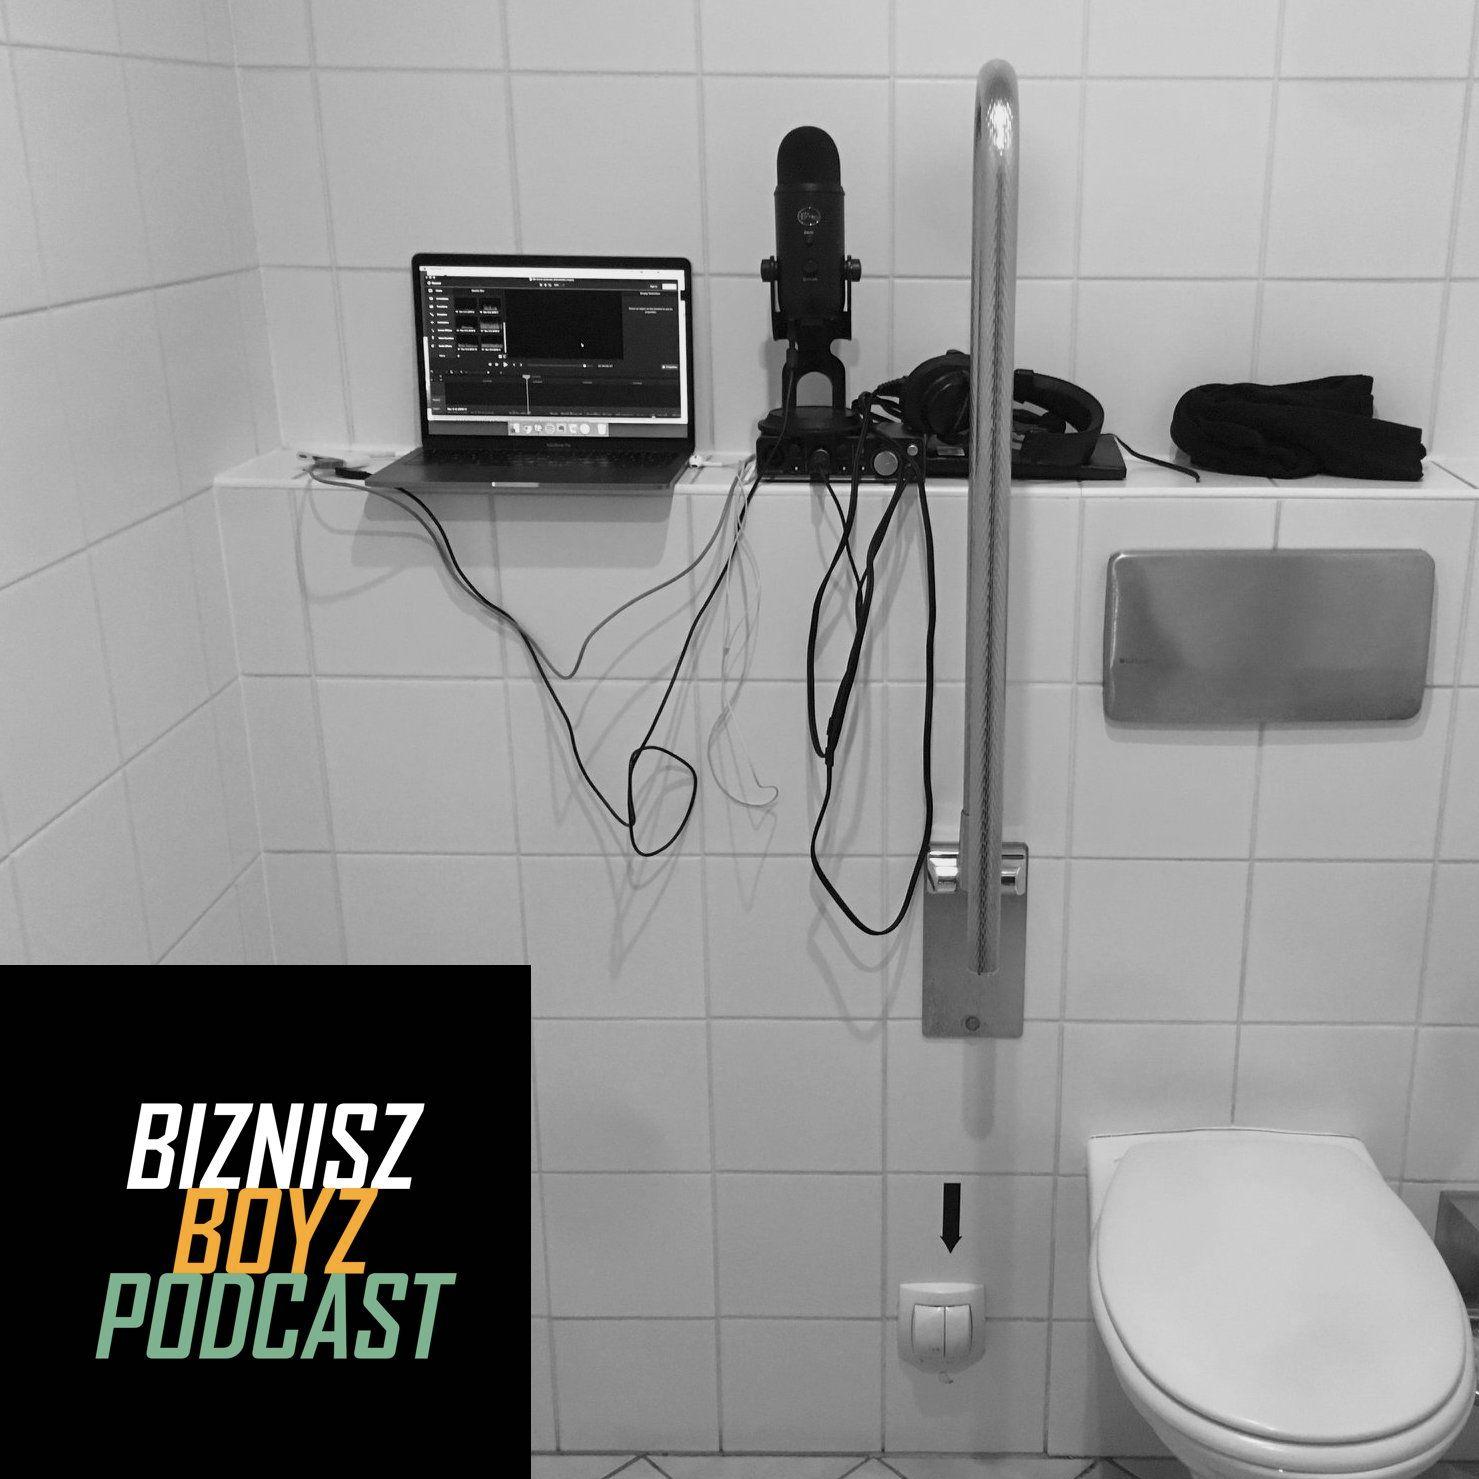 Extra - Az Ideális Podcast Felszerelés (Mikrofon Demóval) | Tomitól | Biznisz Boyz Podcast